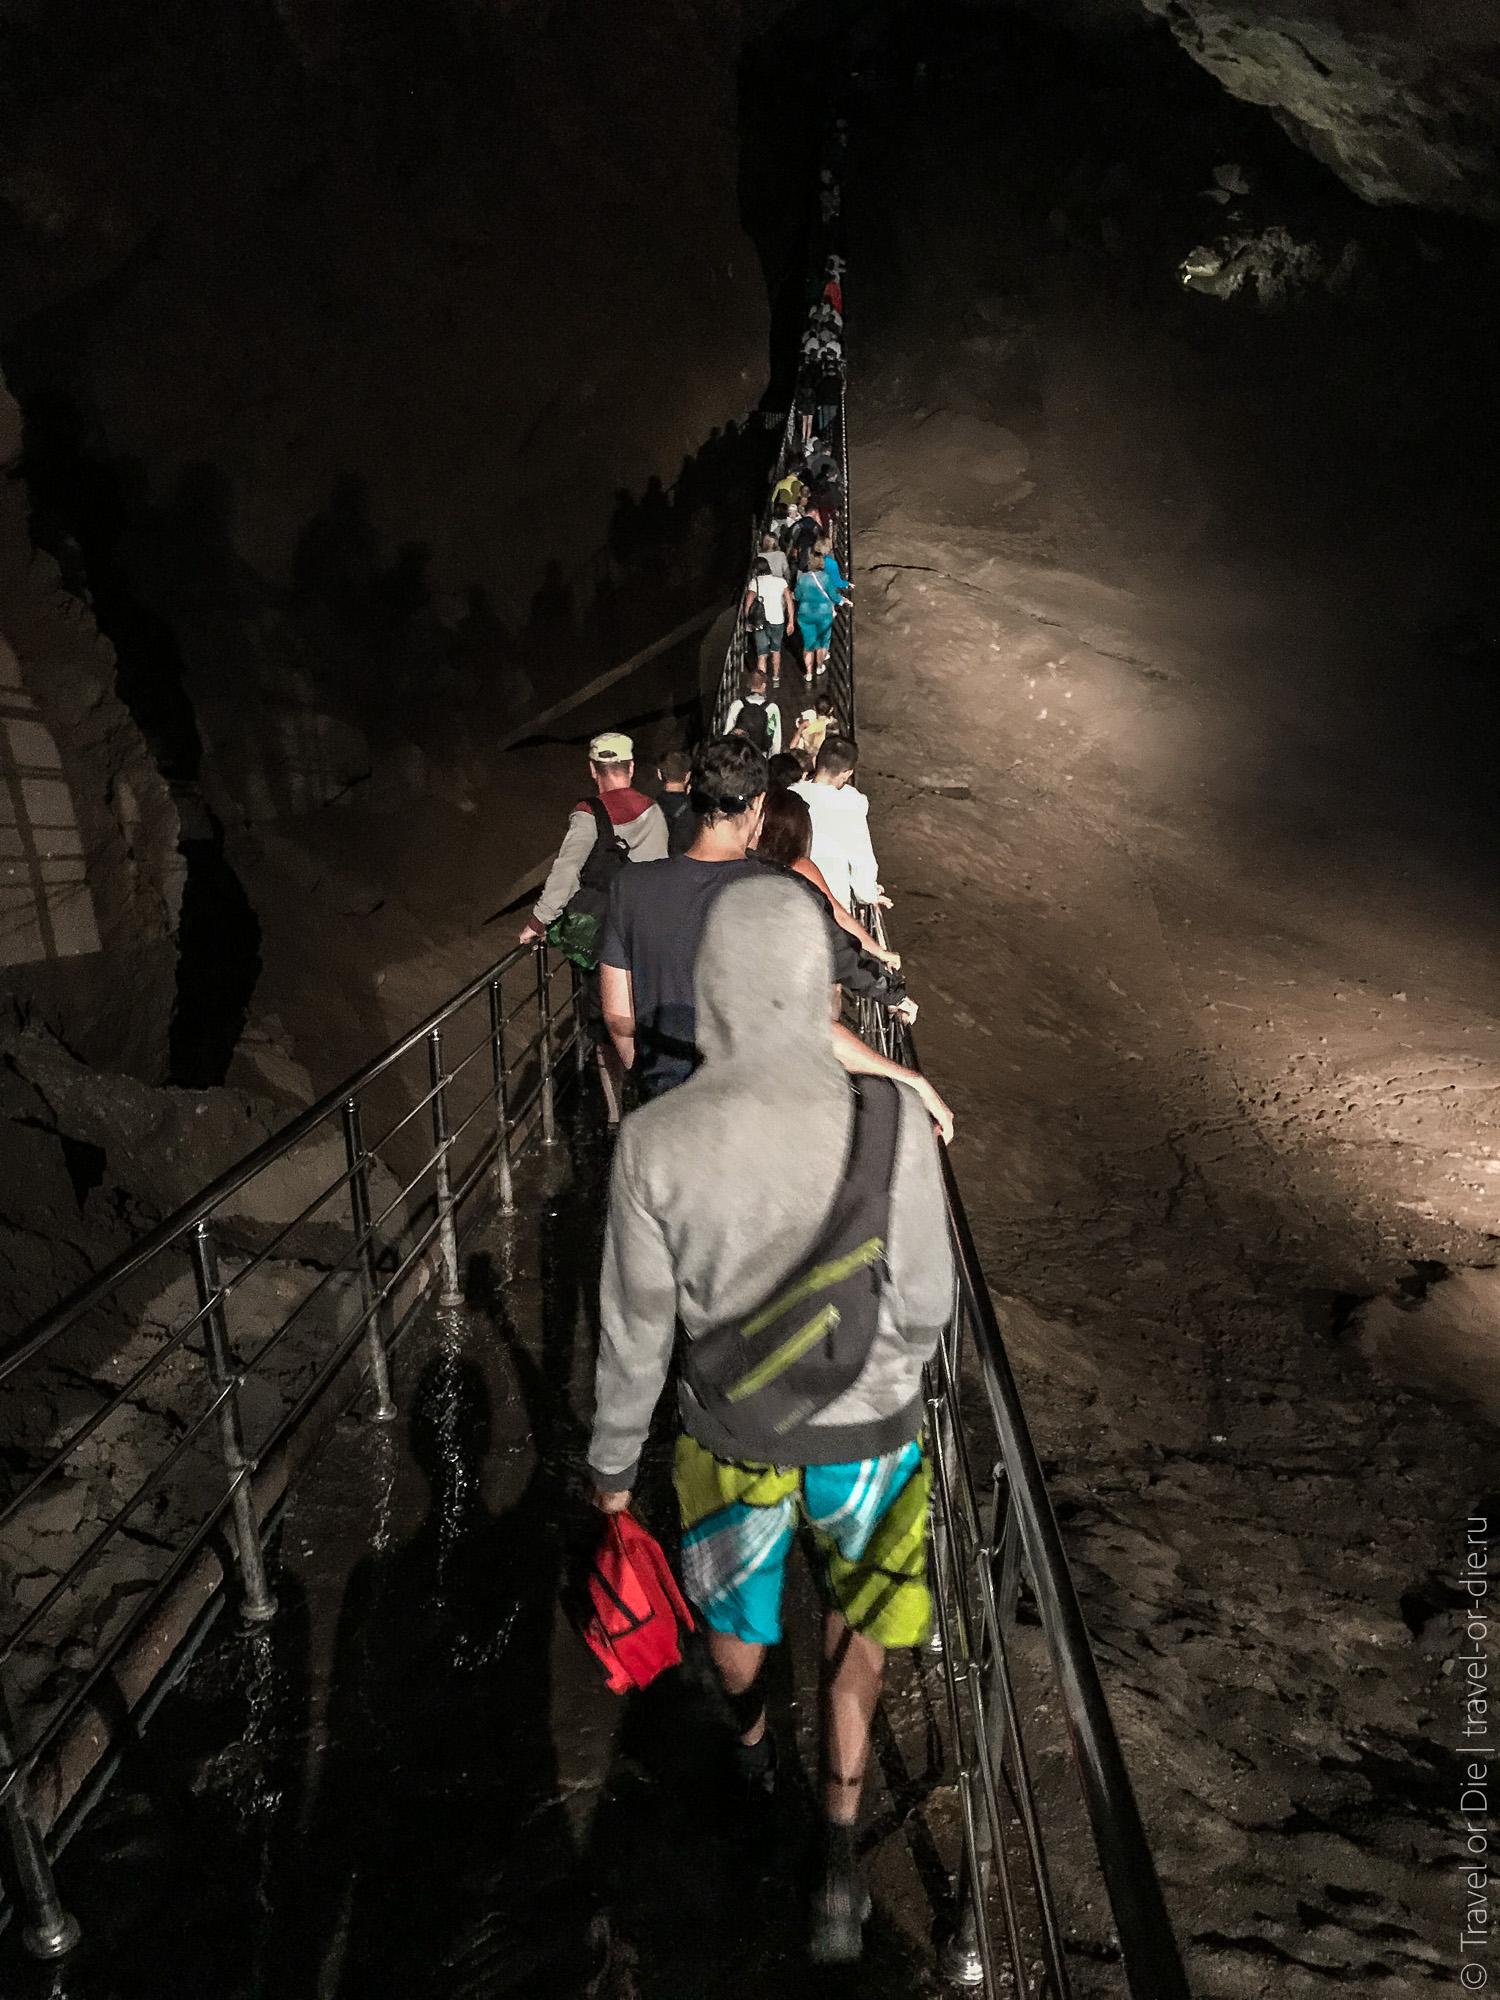 Новоафонская-Пещера-Абхазия-New-Athos-Cave-Abkhazia-7802